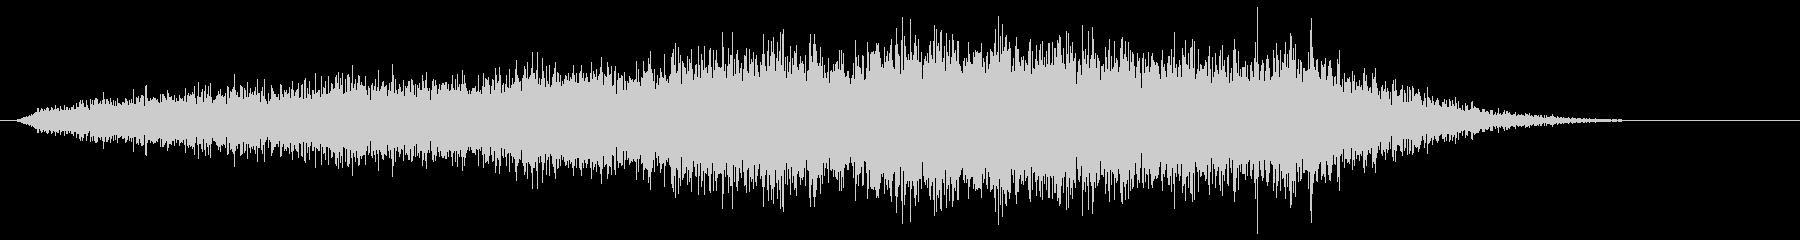 ベッドゴーストリードローンウォッシュの未再生の波形